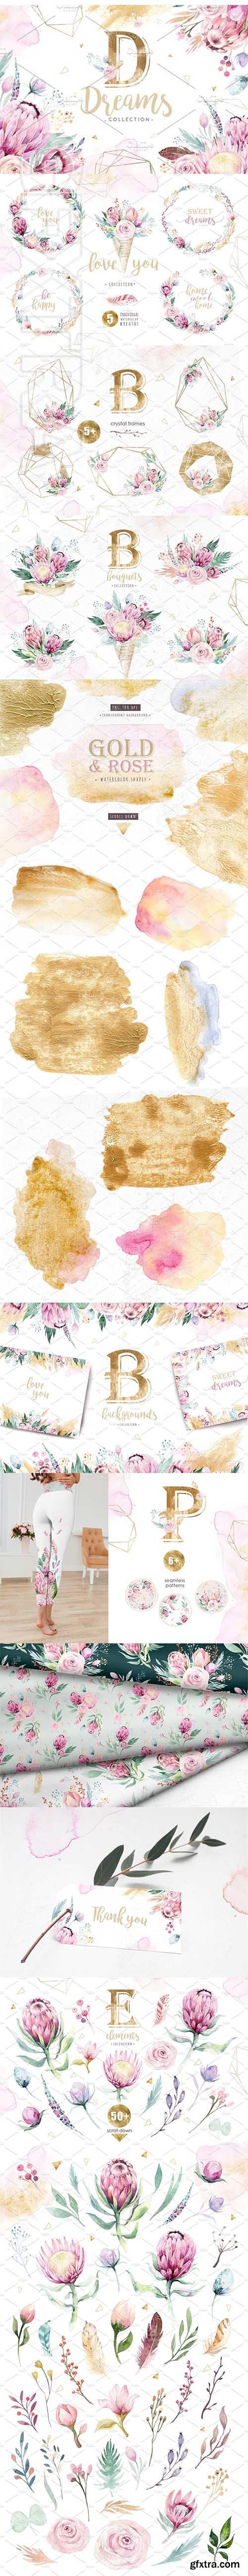 CreativeMarket - Dreams collection Gold protea 2569742